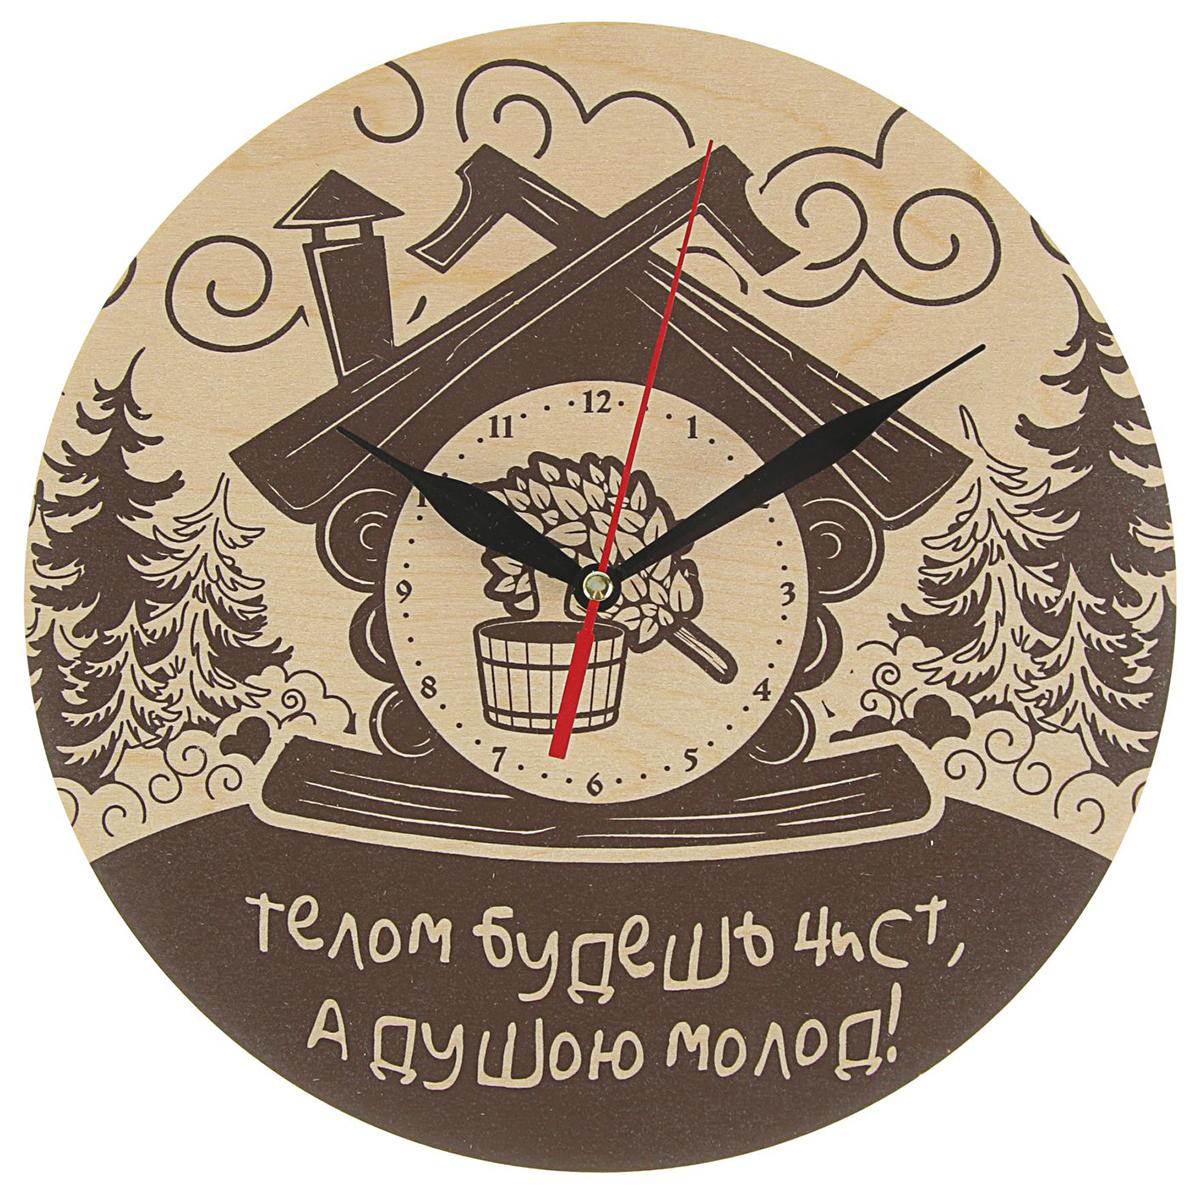 Часы настенные банные Телом будешь чист, а душою молод, диаметр 25 см2479225Проводите время с пользой Настоящий мужской отдых невозможен без хорошей бани! Чтобы не потерять ощущение времени, проводя приятный досуг в отличной компании, повесьте на стену часы, но не простые, а те, что отражают настроение и вписываются в интерьер. Наши часы с пожеланием «Русская баня» станут полезным приобретением, которое будет долго радовать владельца. Если стрелки остановятся, поменяйте батарейку и вперед — париться и отдыхать!Часы для бани Телом будешь чист, а душою молод, O 25см 2479225